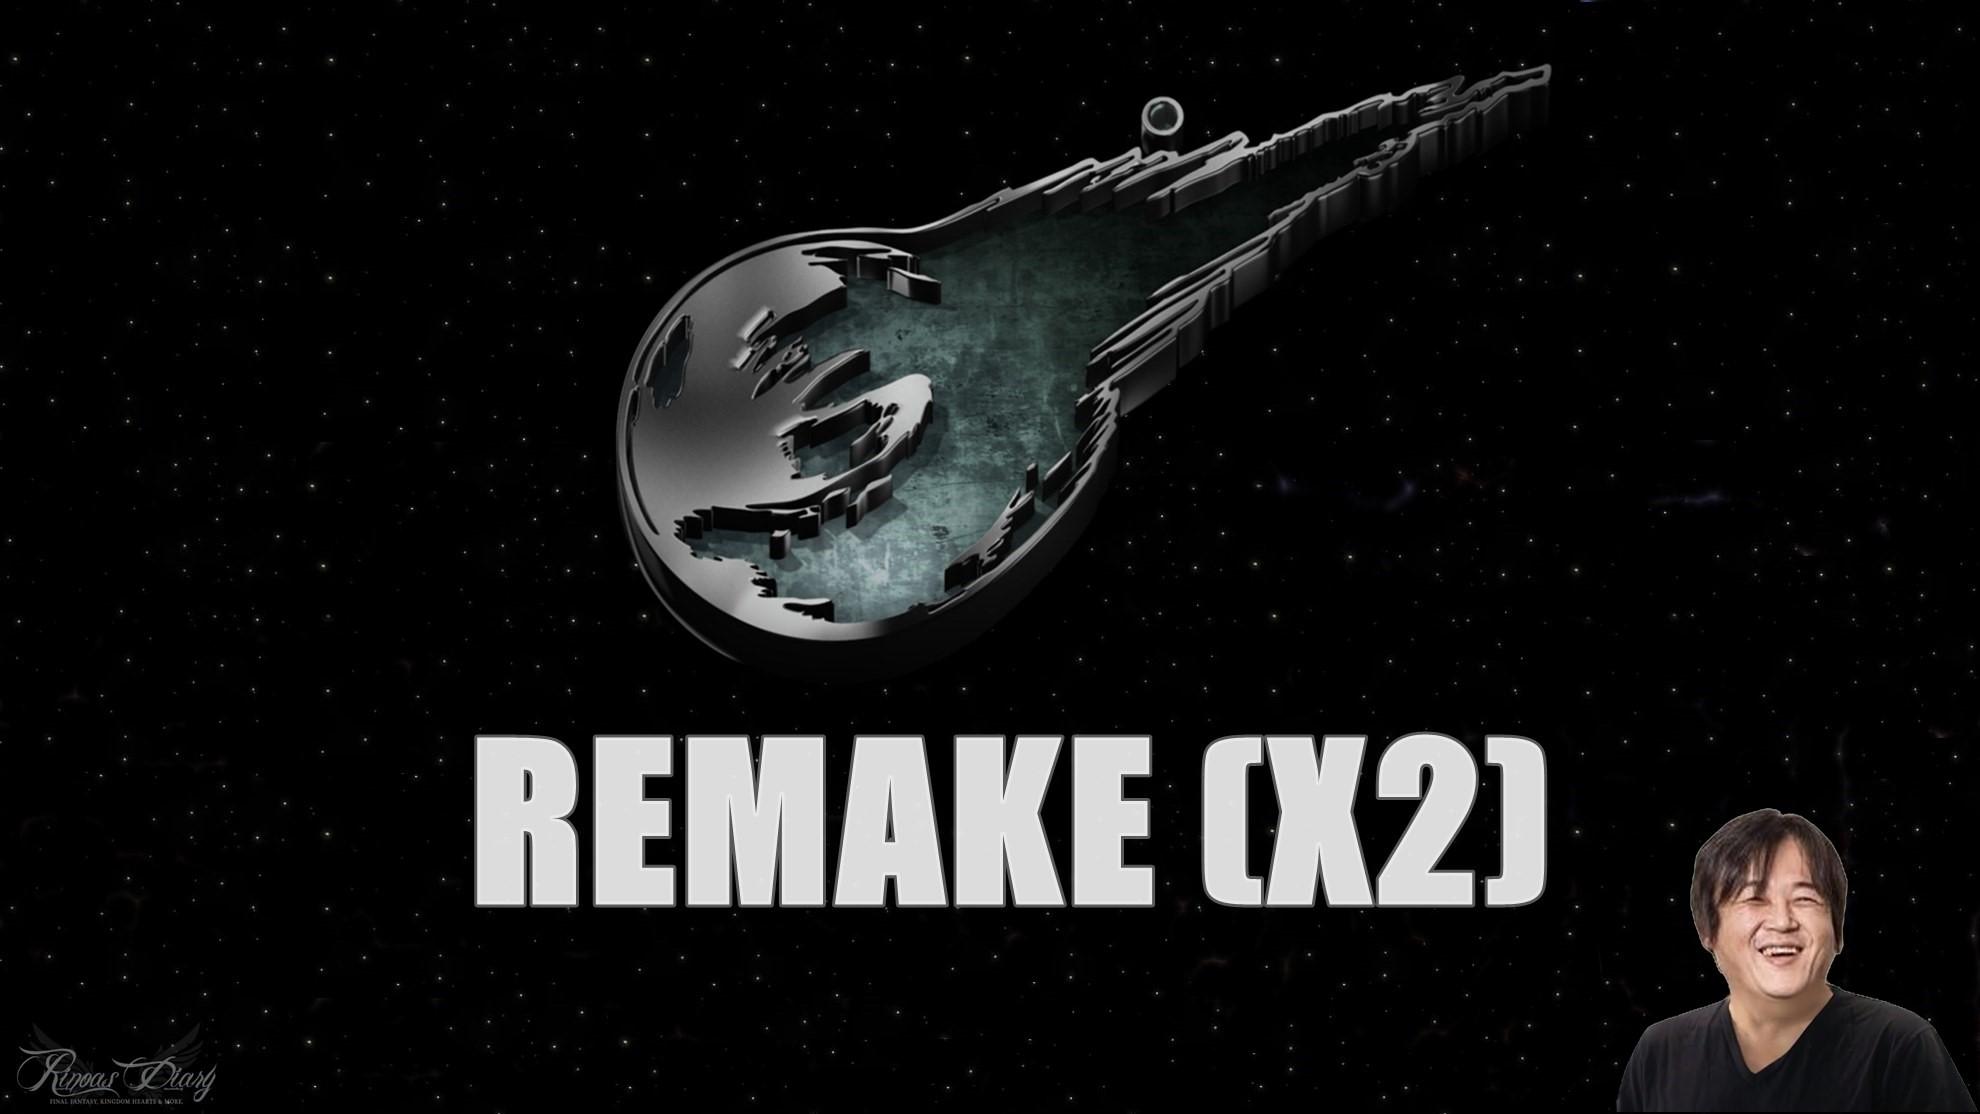 Final Fantasy VII Remake Ultimania – Il doppio significato del Remake (intervista agli sviluppatori, parte 2)